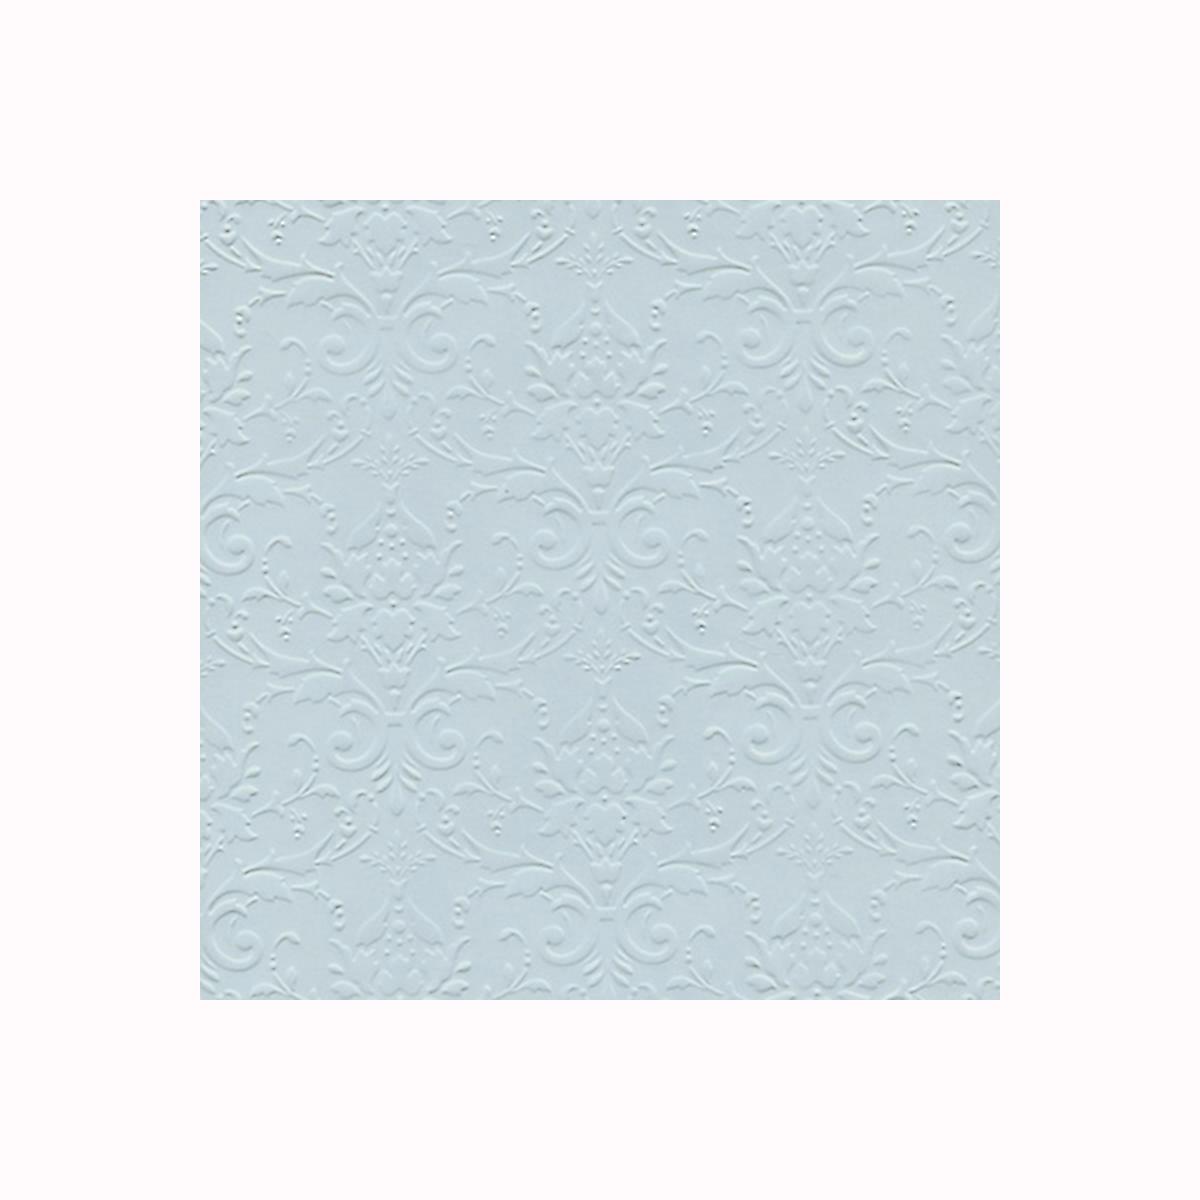 Бумага фактурная Лоза Дамасский узор, цвет: светло-голубой, 3 листа582975_БР003-5 светло-голубойФактурная бумага для скрапбукинга Лоза Дамасский узор позволит создать красивый альбом, фоторамку или открытку ручной работы, оформить подарок или аппликацию. Набор включает в себя 3 листа из плотной бумаги. Скрапбукинг - это хобби, которое способно приносить массу приятных эмоций не только человеку, который этим занимается, но и его близким, друзьям, родным. Это невероятно увлекательное занятие, которое поможет вам сохранить наиболее памятные и яркие моменты вашей жизни, а также интересно оформить интерьер дома.Плотность бумаги: 200 г/м2.